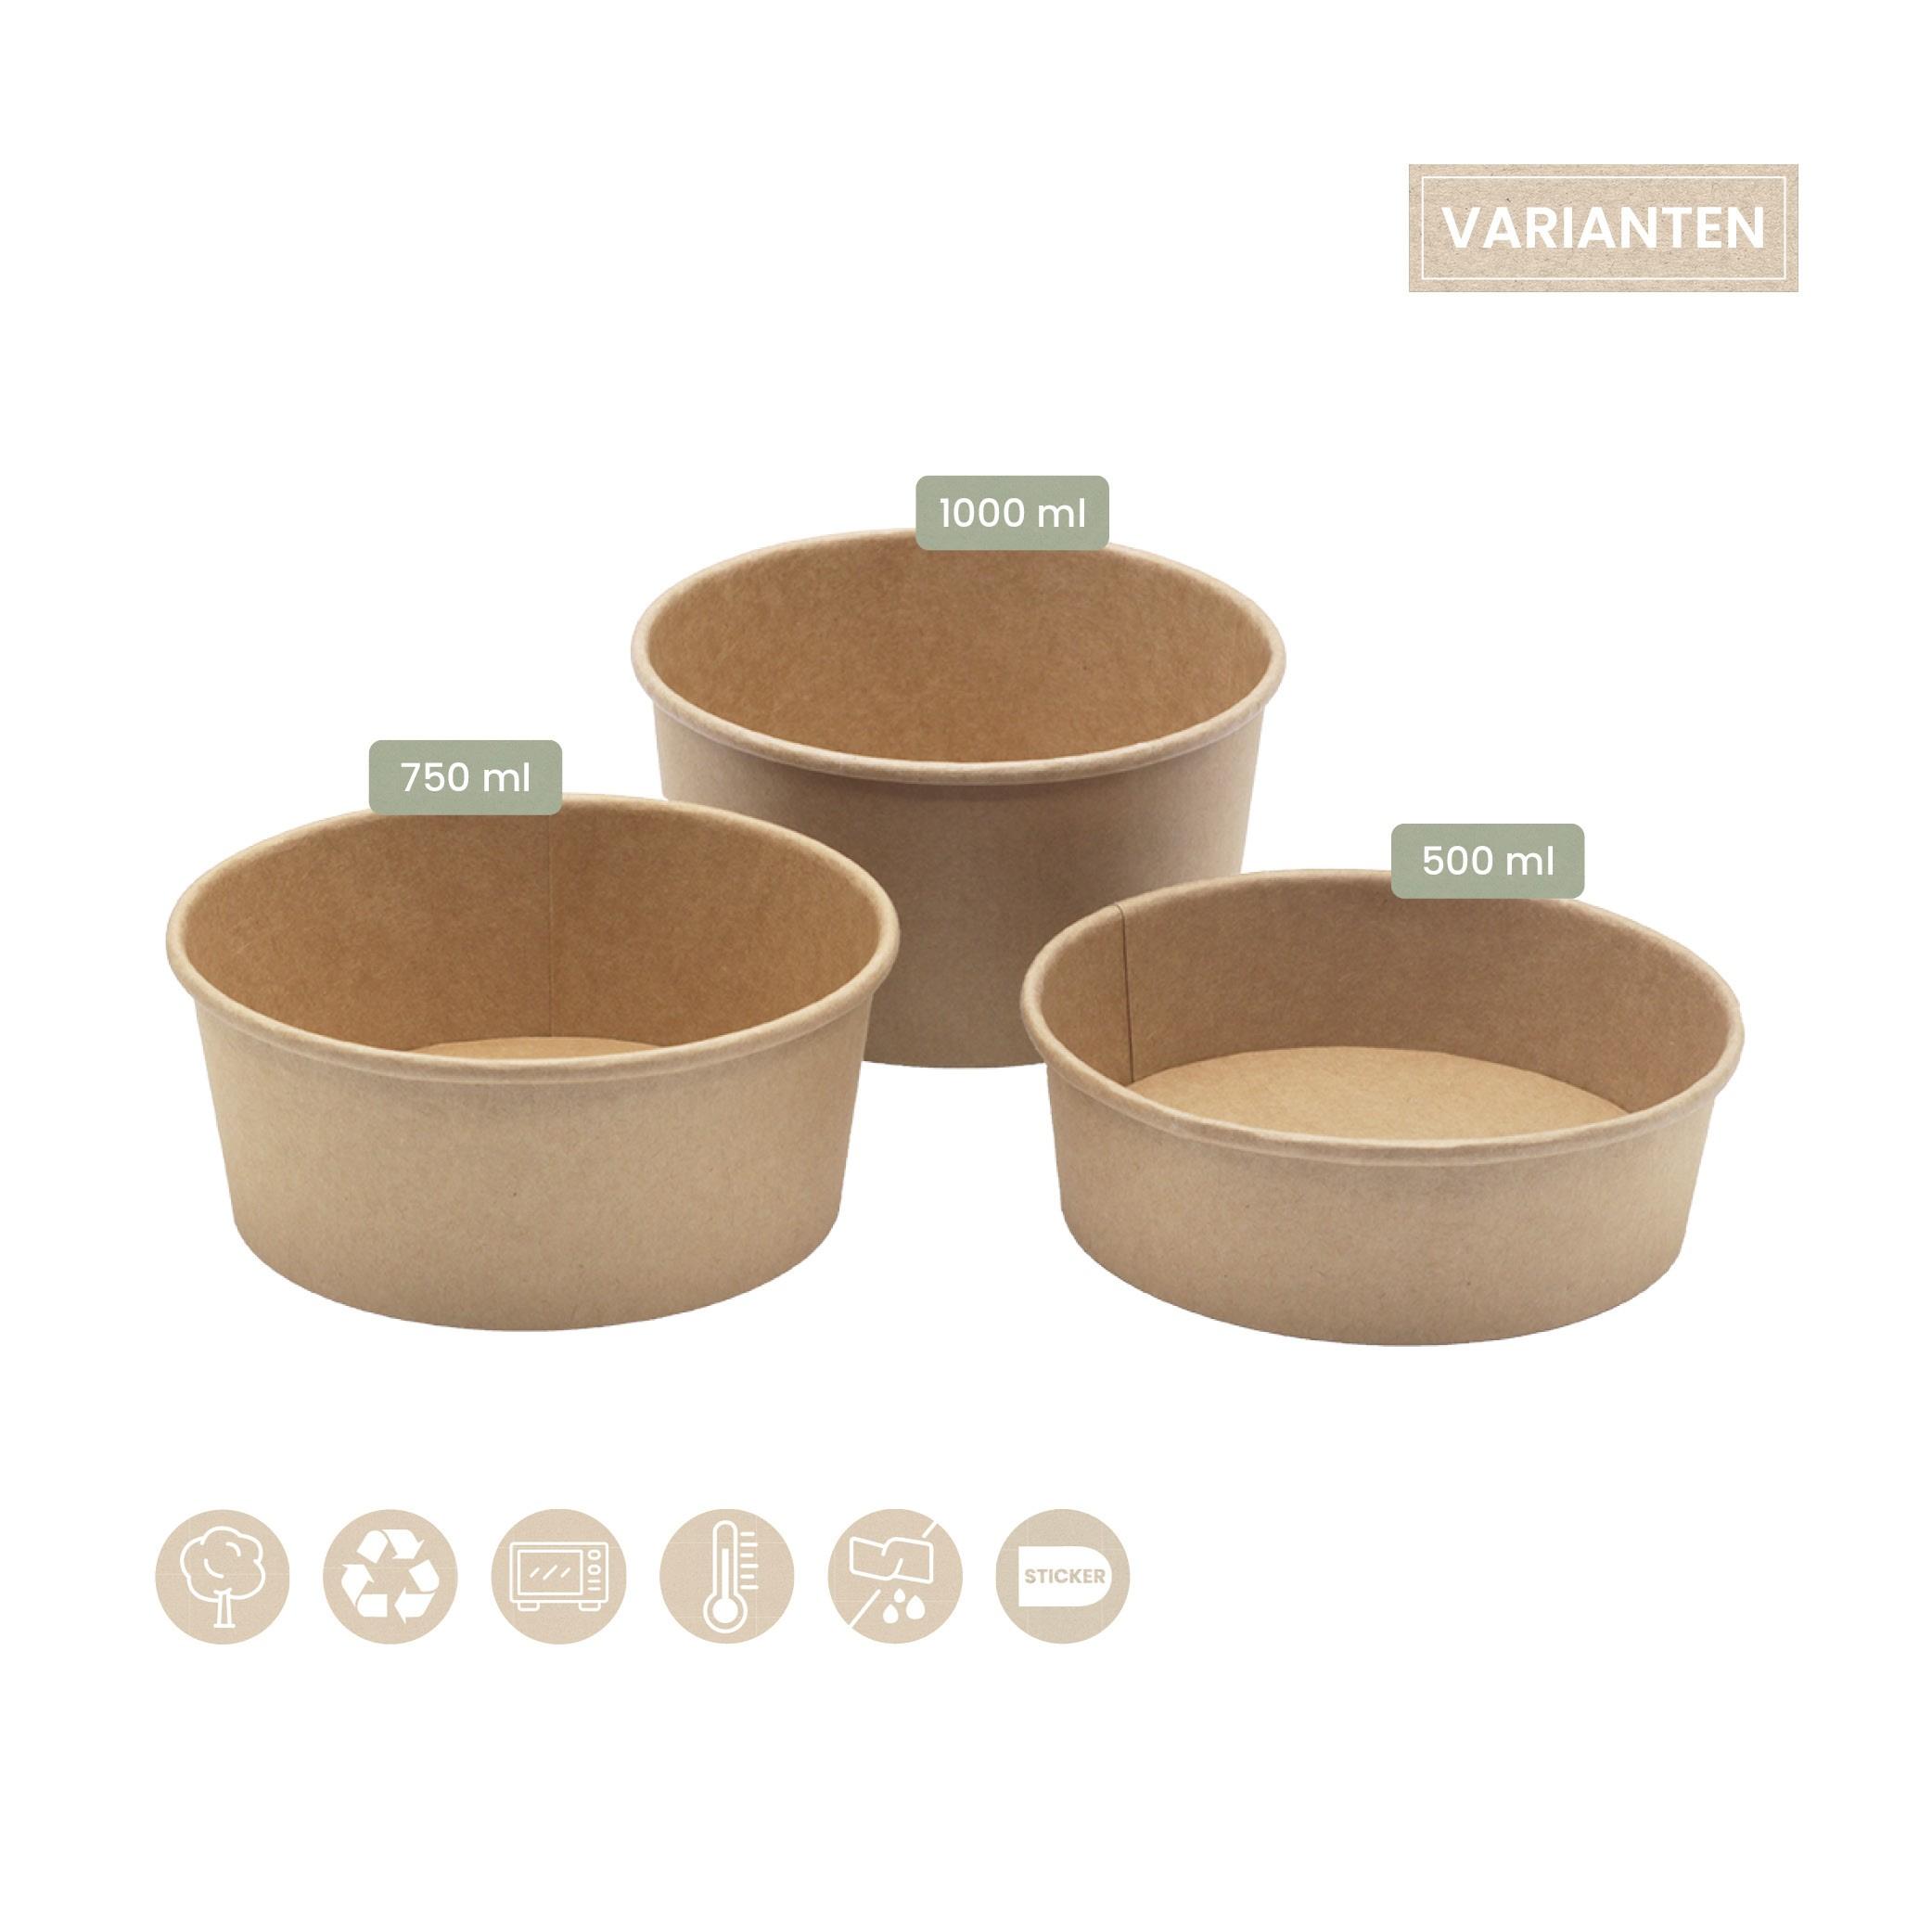 BIO Menü- und Salatbecher rund für Kaltes aus Papier 102-02-0043, 102-02-0044 und 102-02-0045